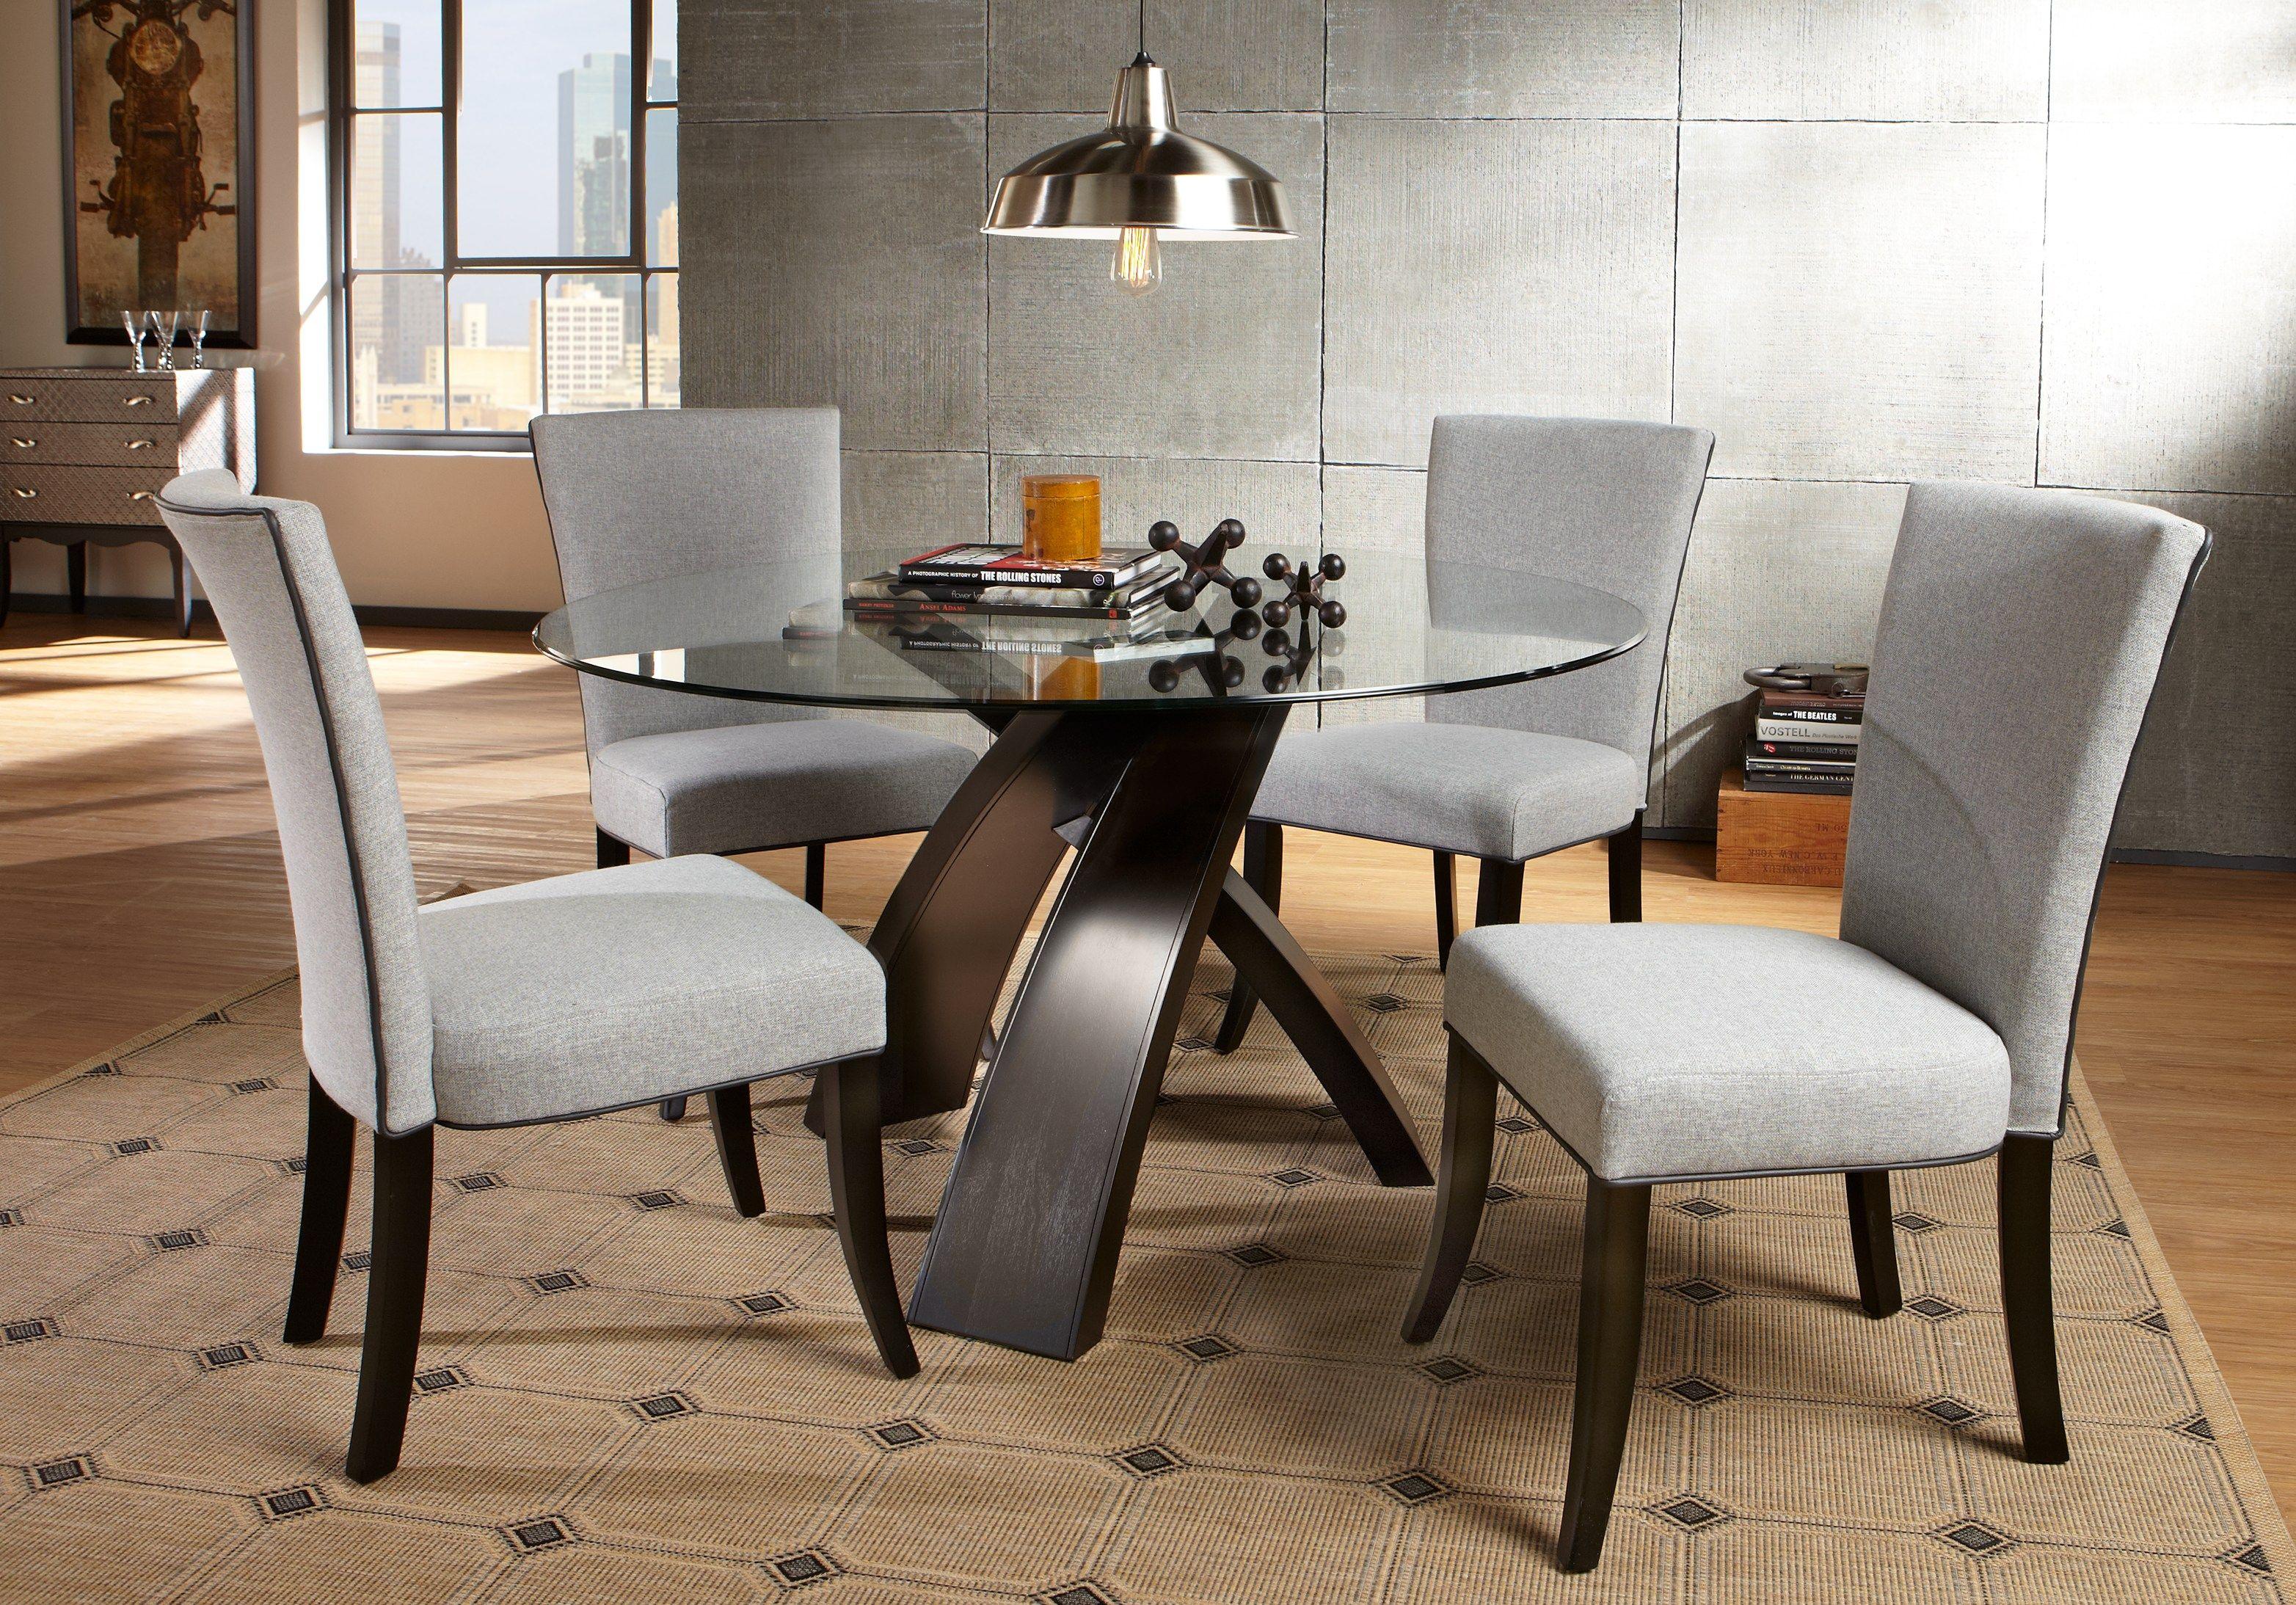 Del Mar Ebony 5 Pc Round Dining Set Dining Room Sets Cheap Dining Room Sets Affordable Dining Room Sets